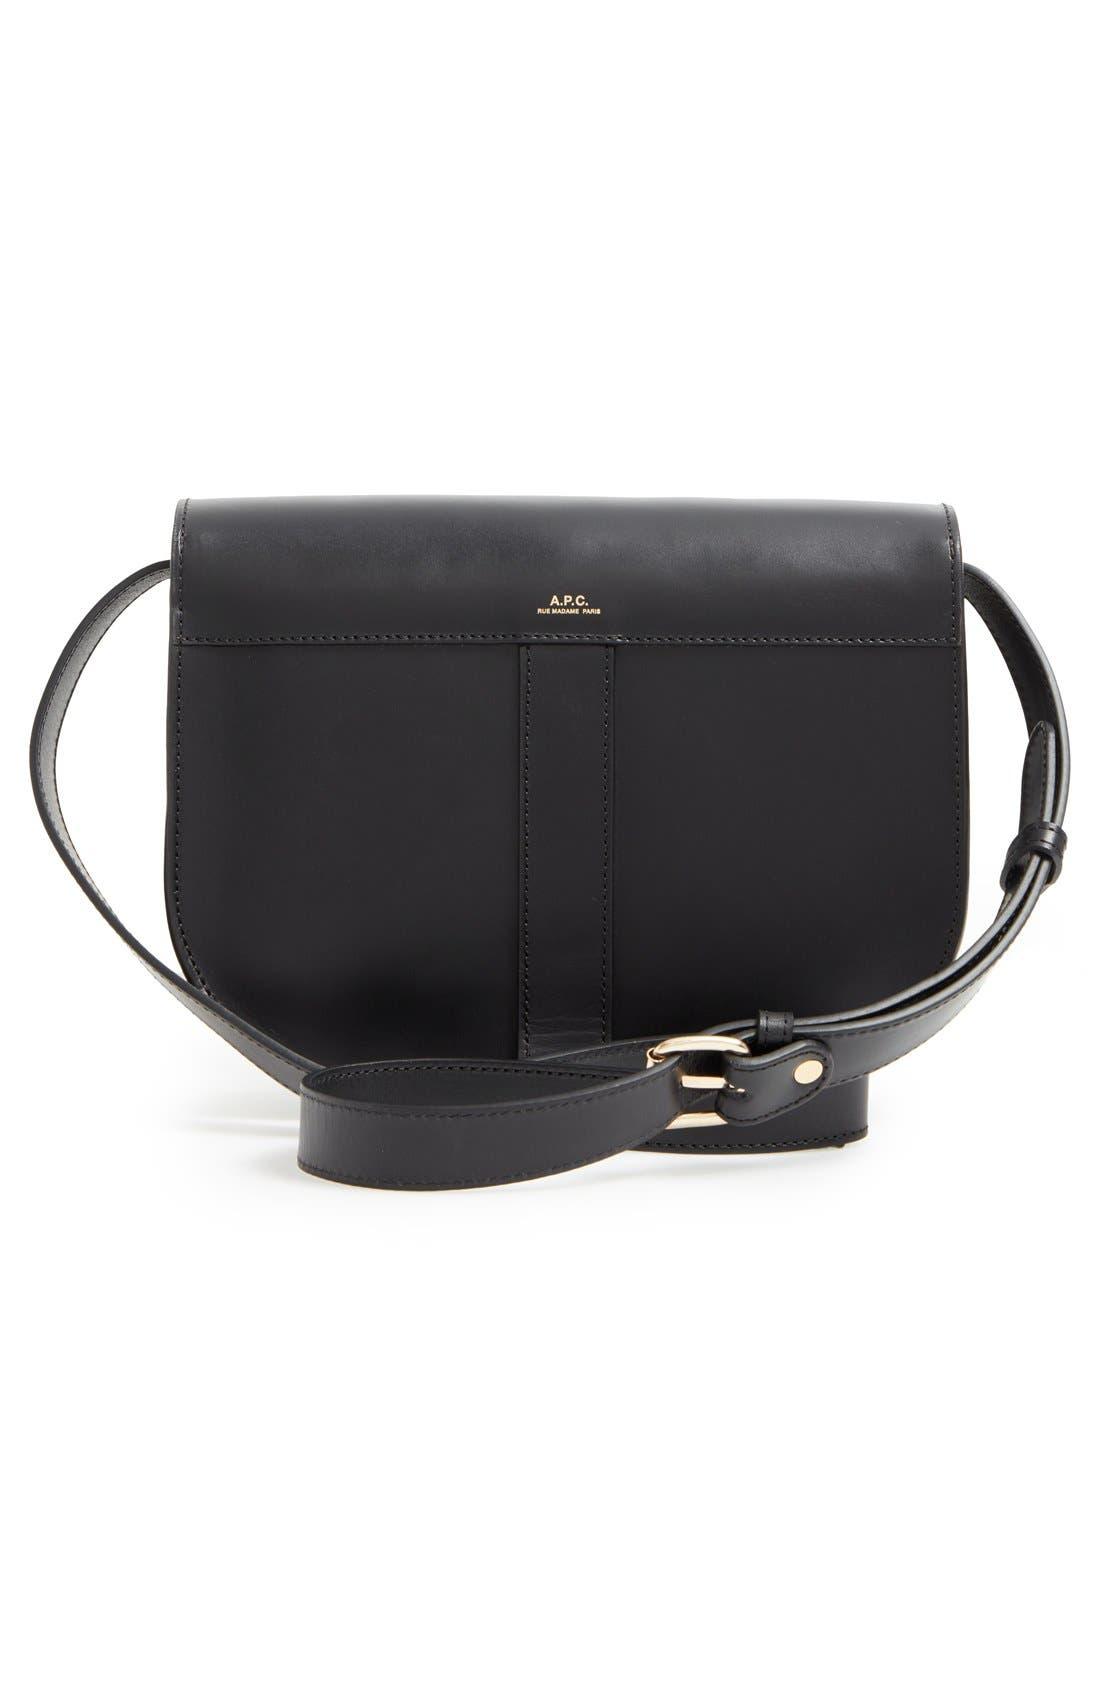 'Sac June' Leather Shoulder Bag,                             Alternate thumbnail 2, color,                             001